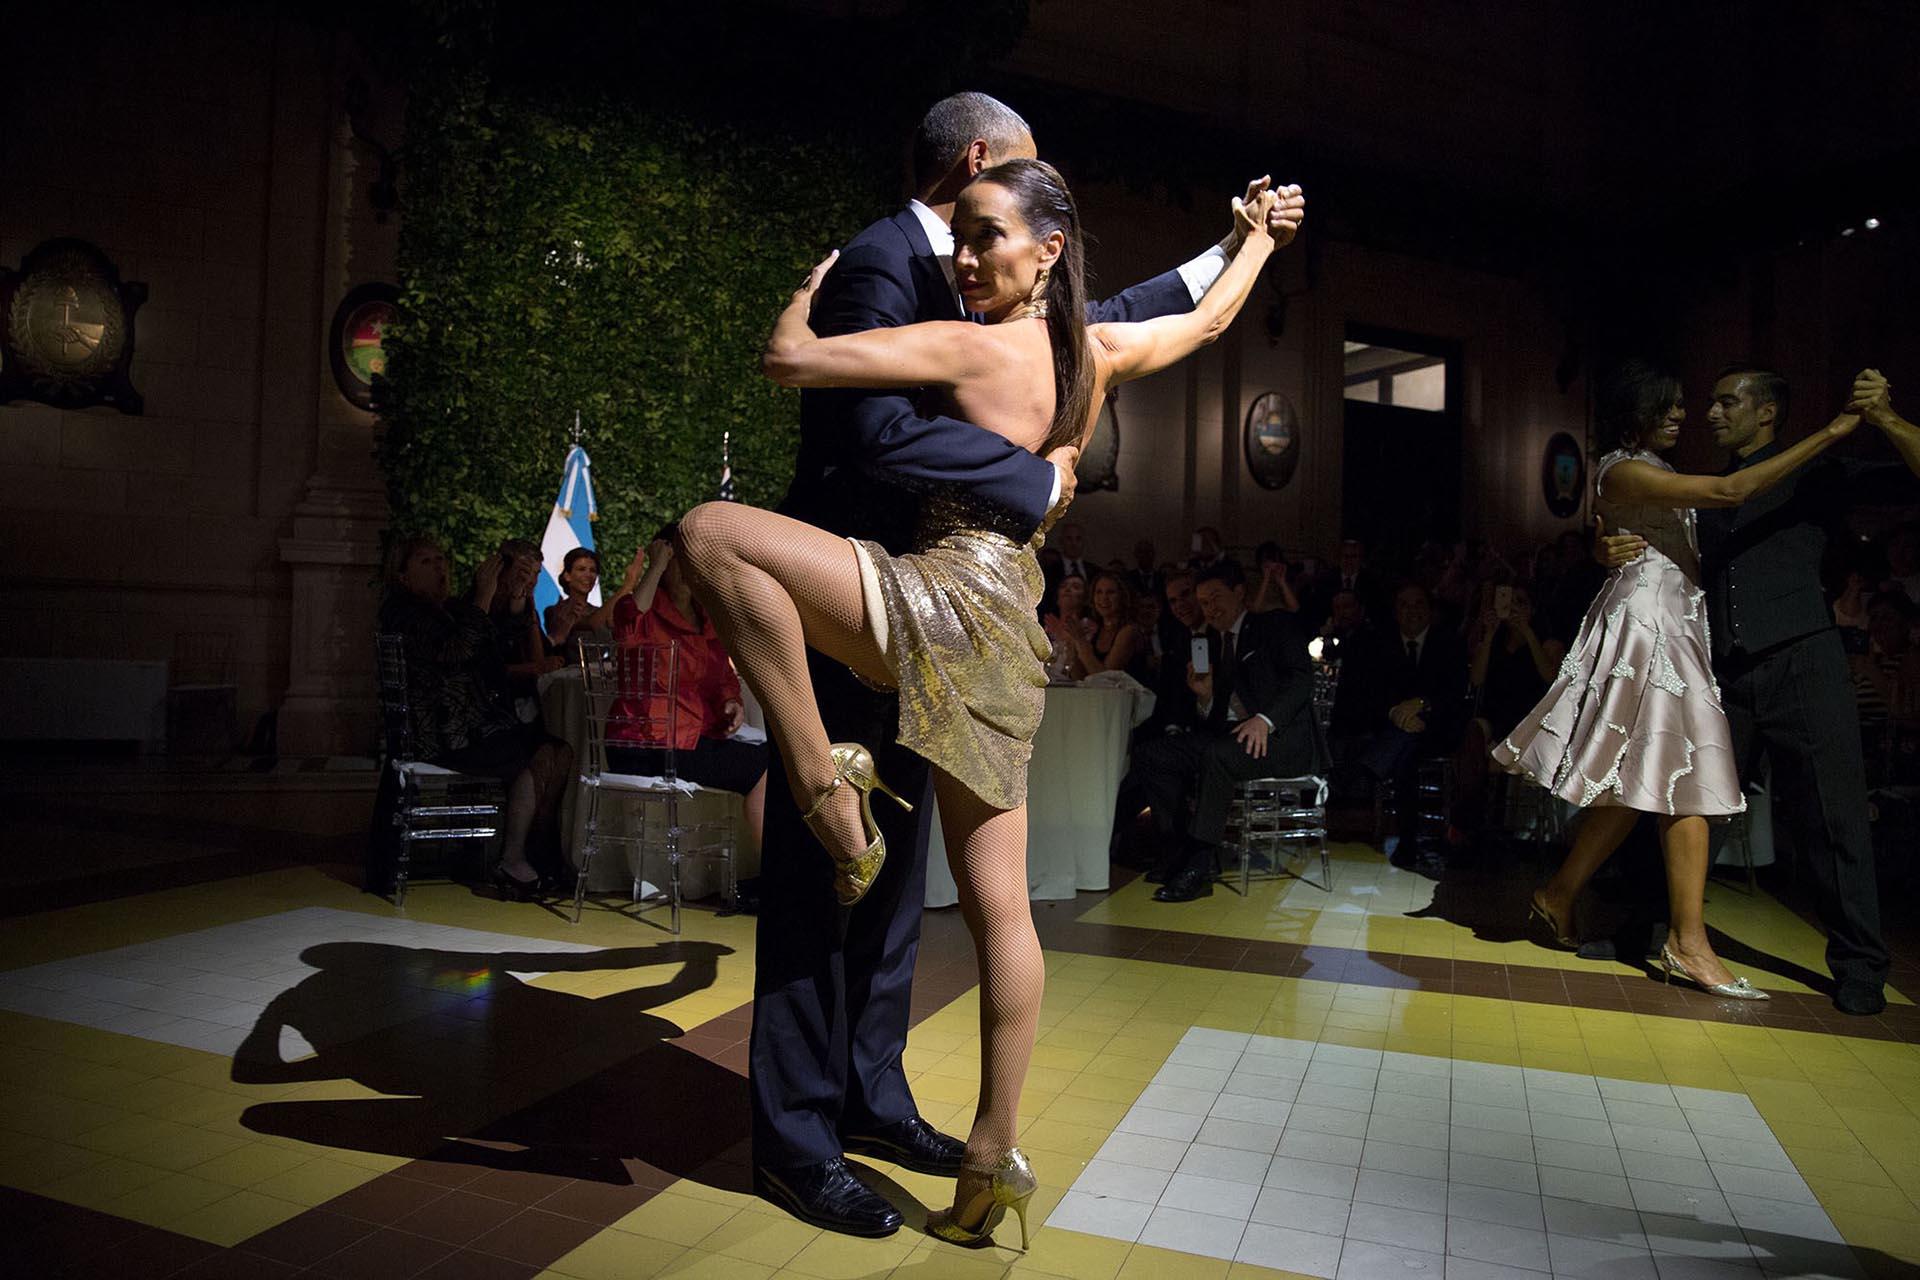 Bailando tango durante su visita a Buenos Aires, Argentina